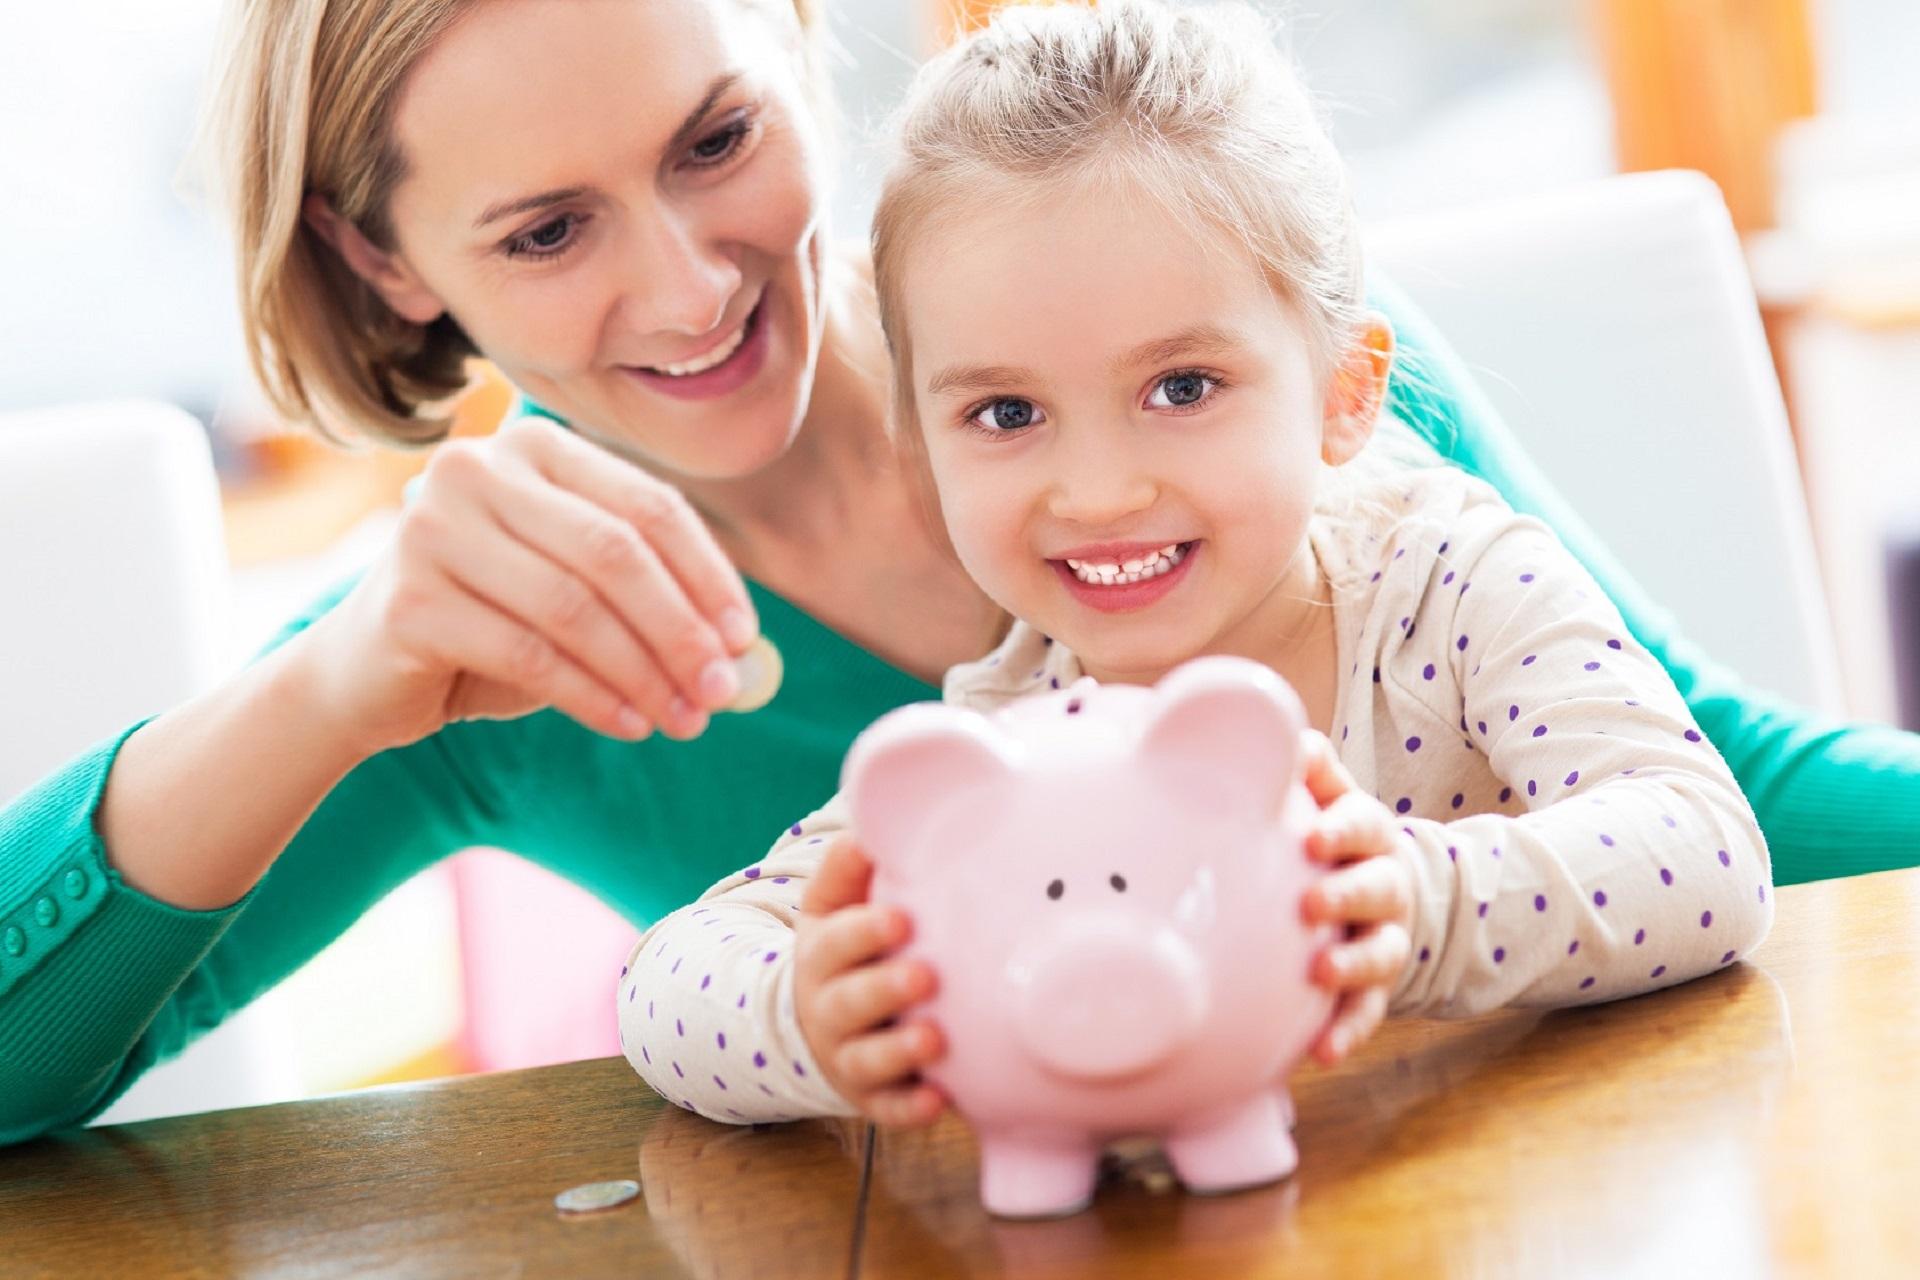 生活中處處能學理財 看虎媽、水母媽or海豚媽不同教養風格建議